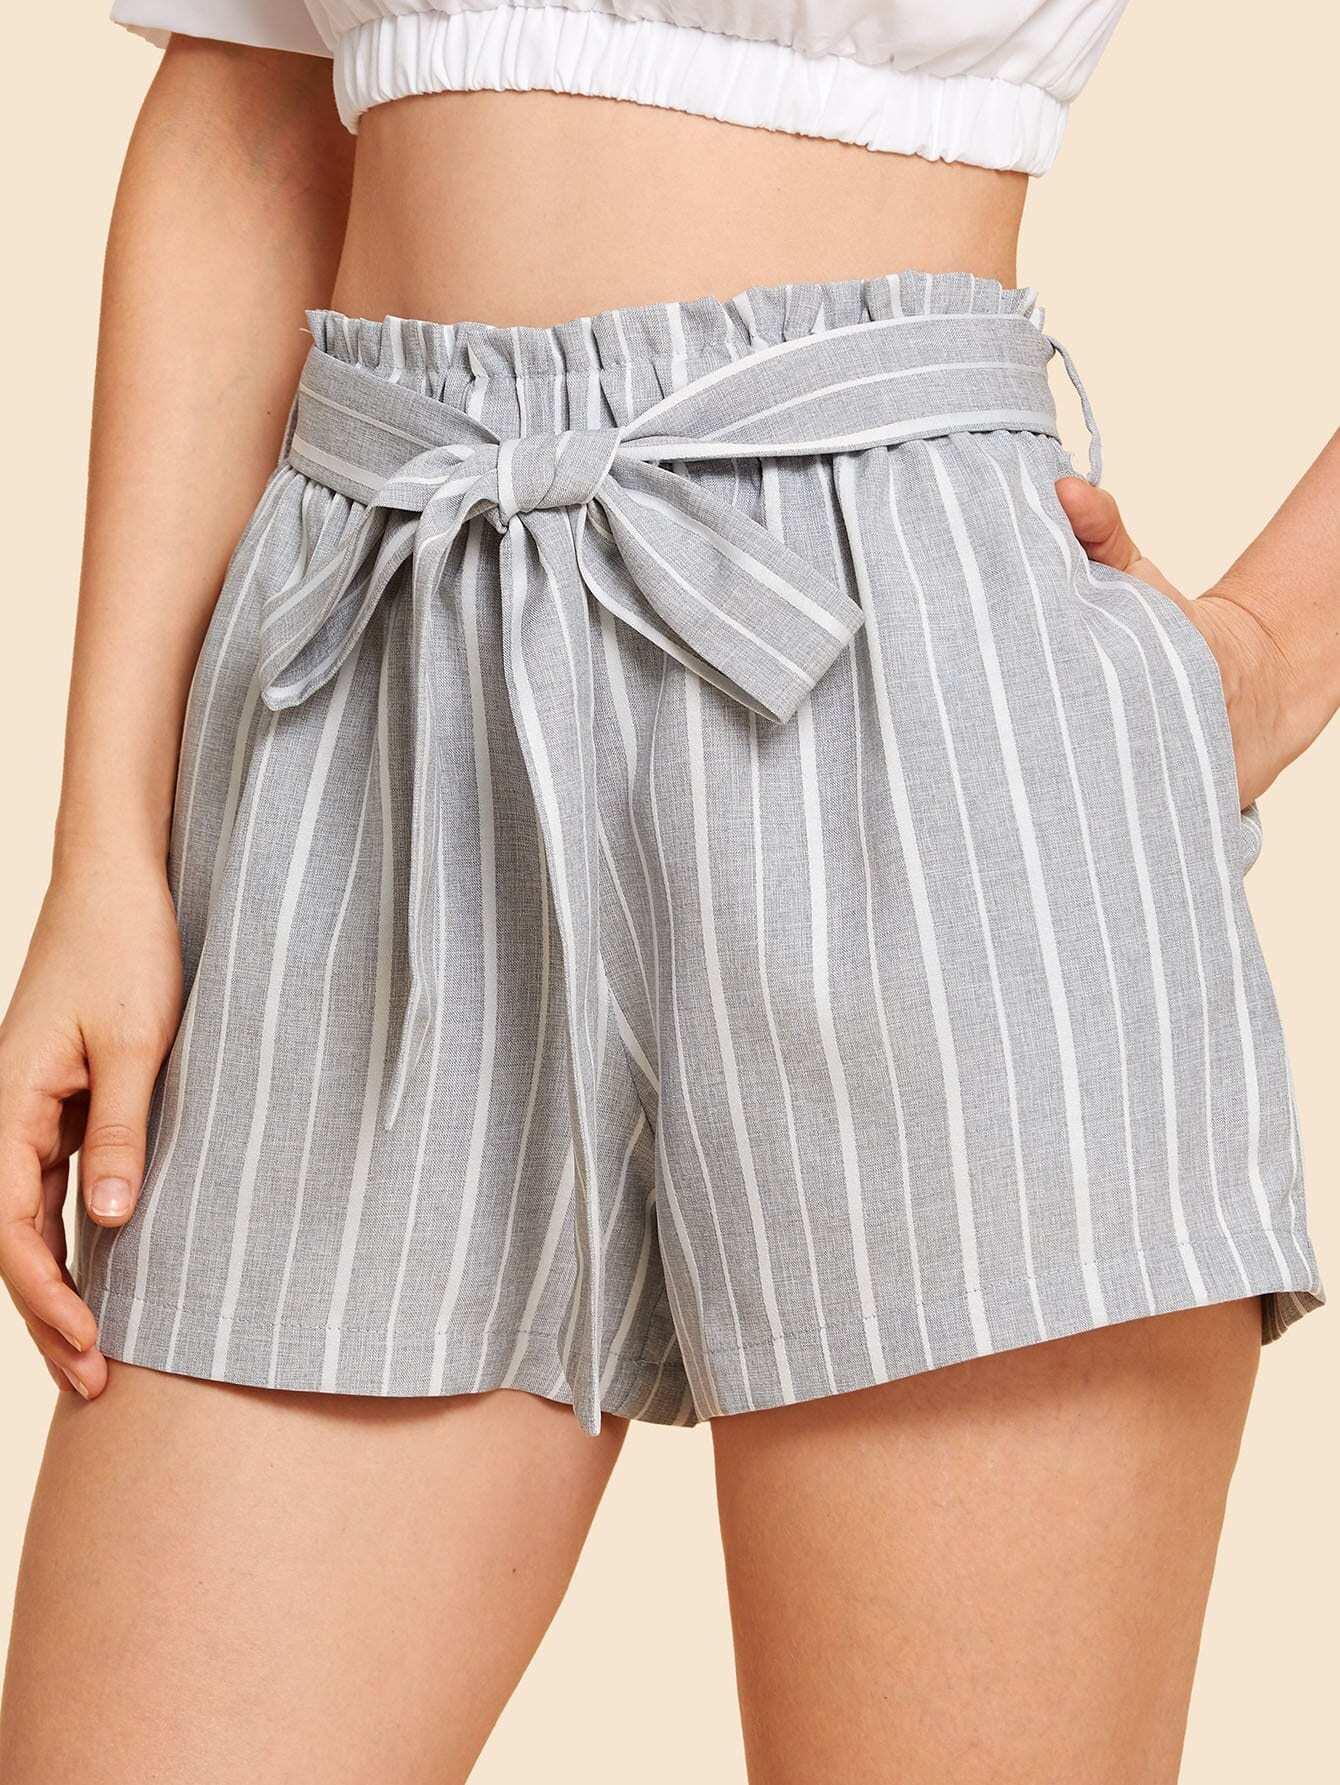 Купить Самонарезанные полосатые шорты, Julie H., SheIn